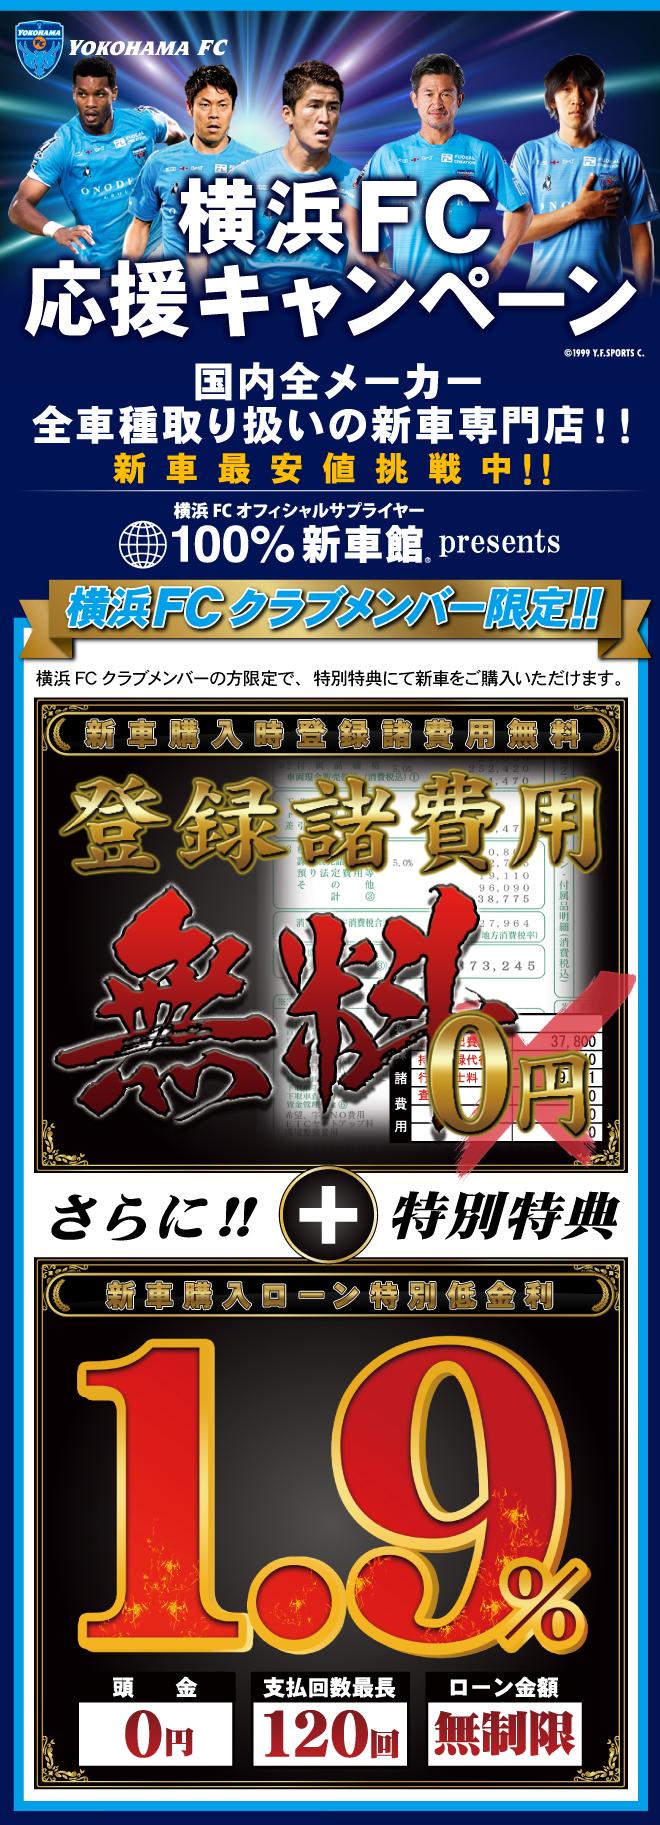 横浜FC応援キャンペーン クラブメンバー限定